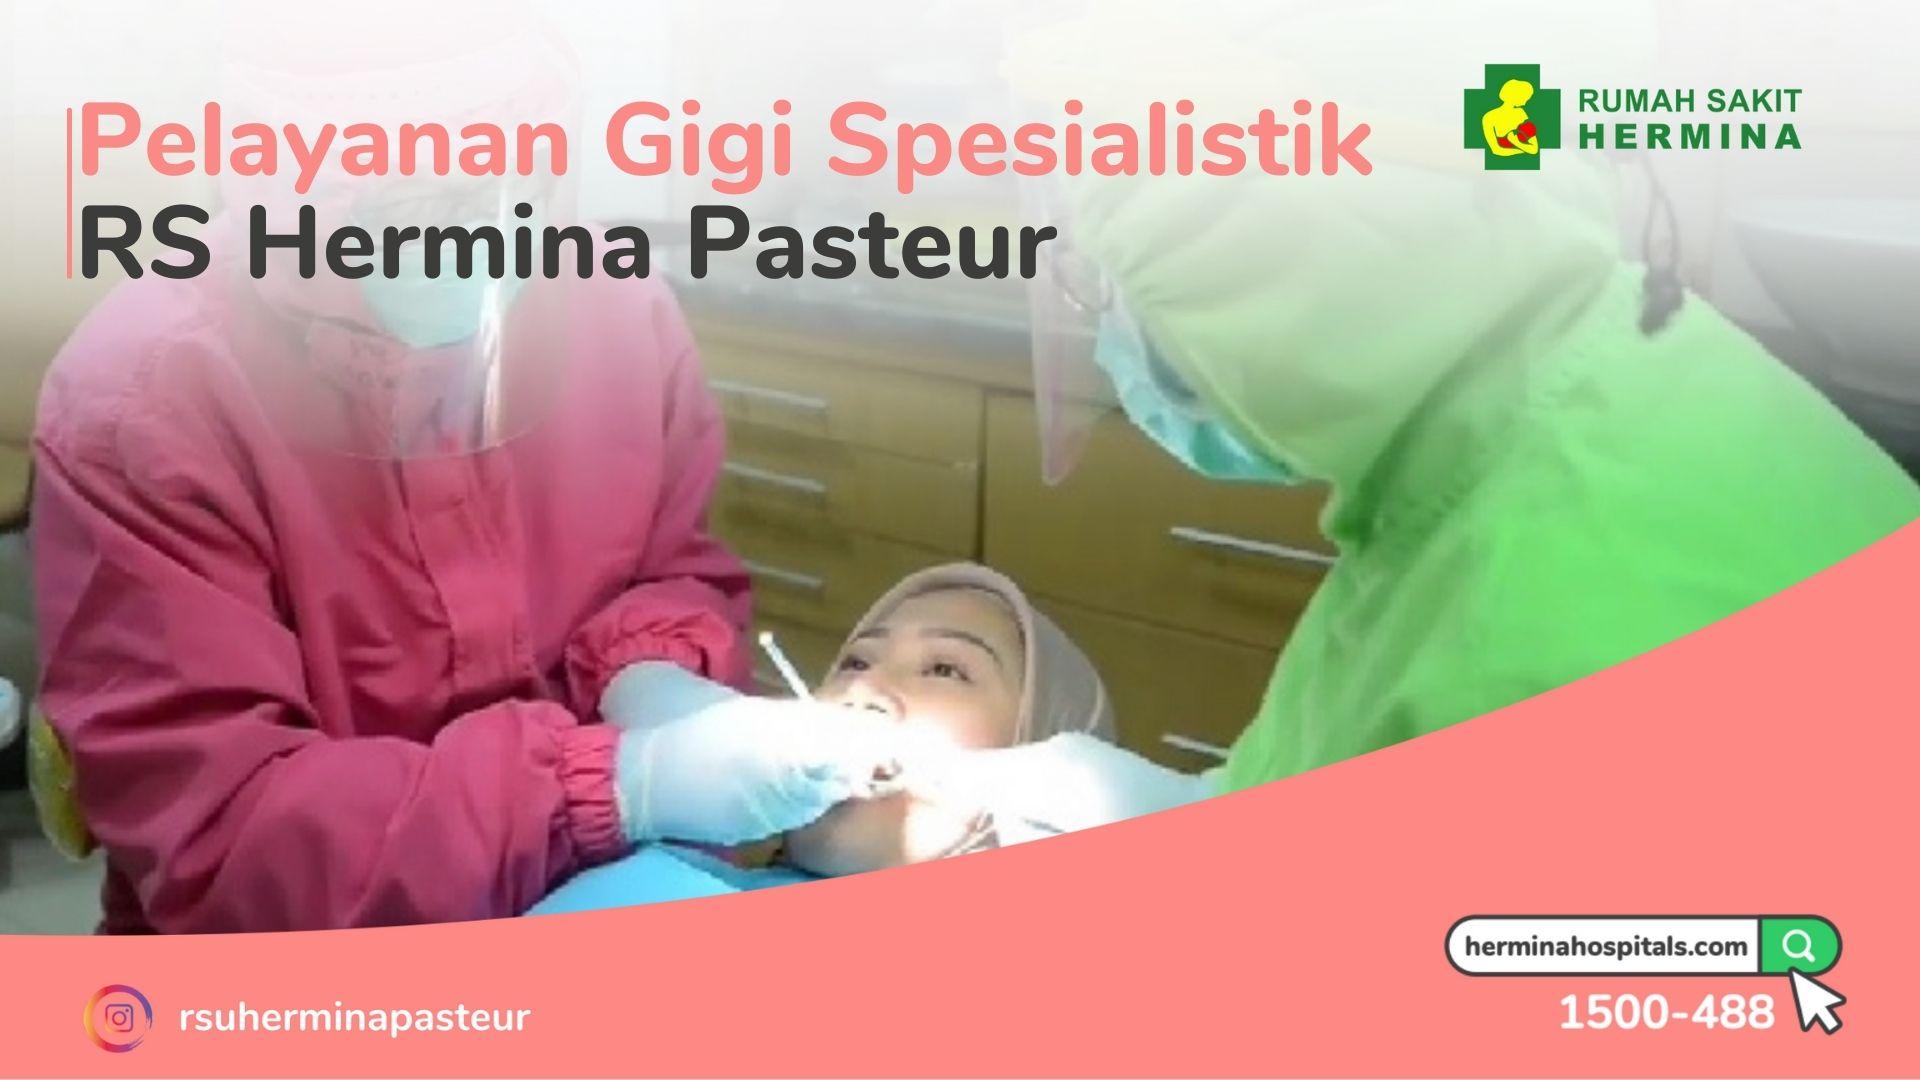 Layanan Pemeriksaan Gigi Spesialistik RS Hermina Pasteur